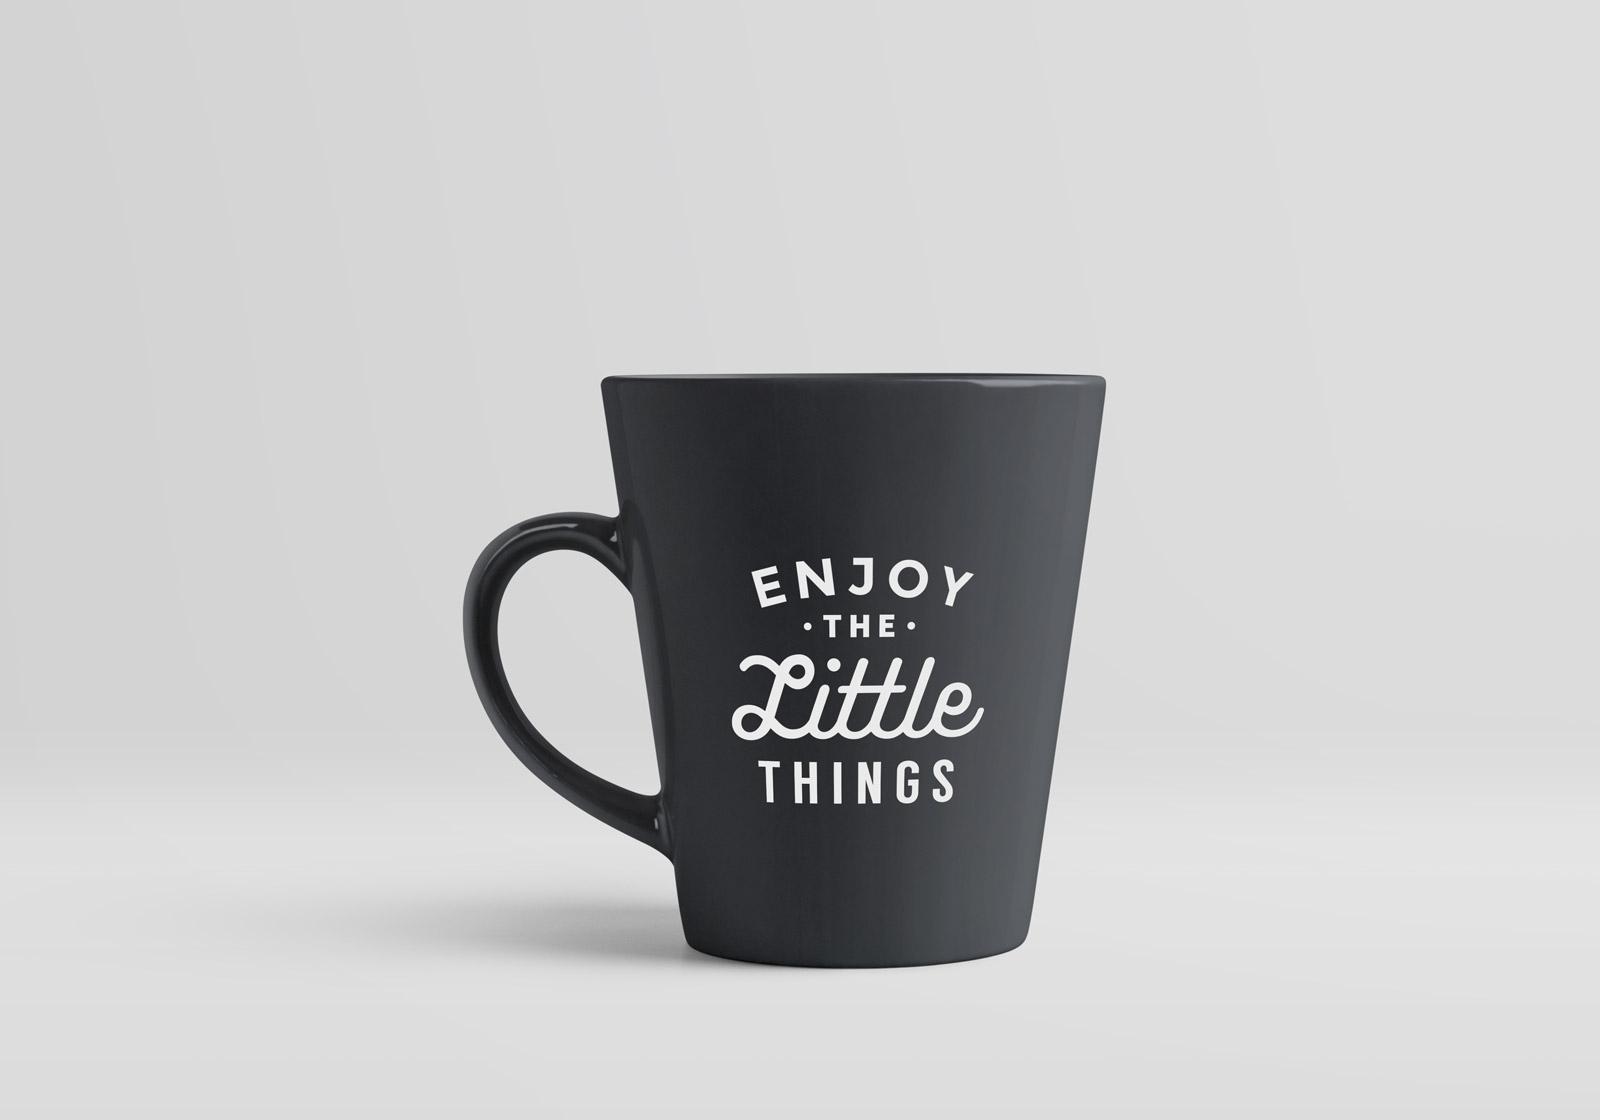 Free-Ceramic-Mug-Mockup-PSD-2